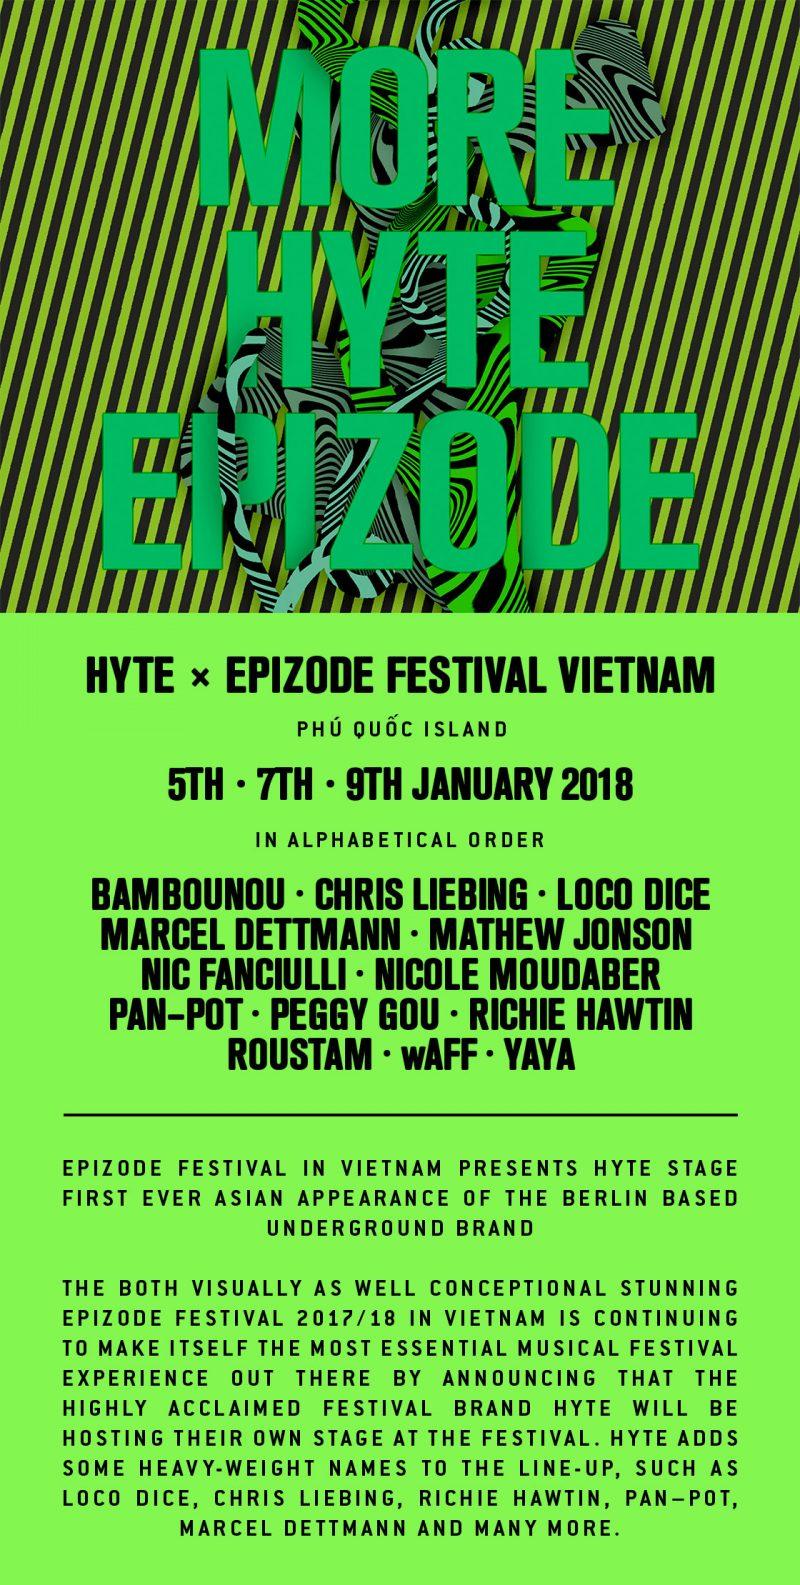 hyte_vietnam_www.zone-magazine.com